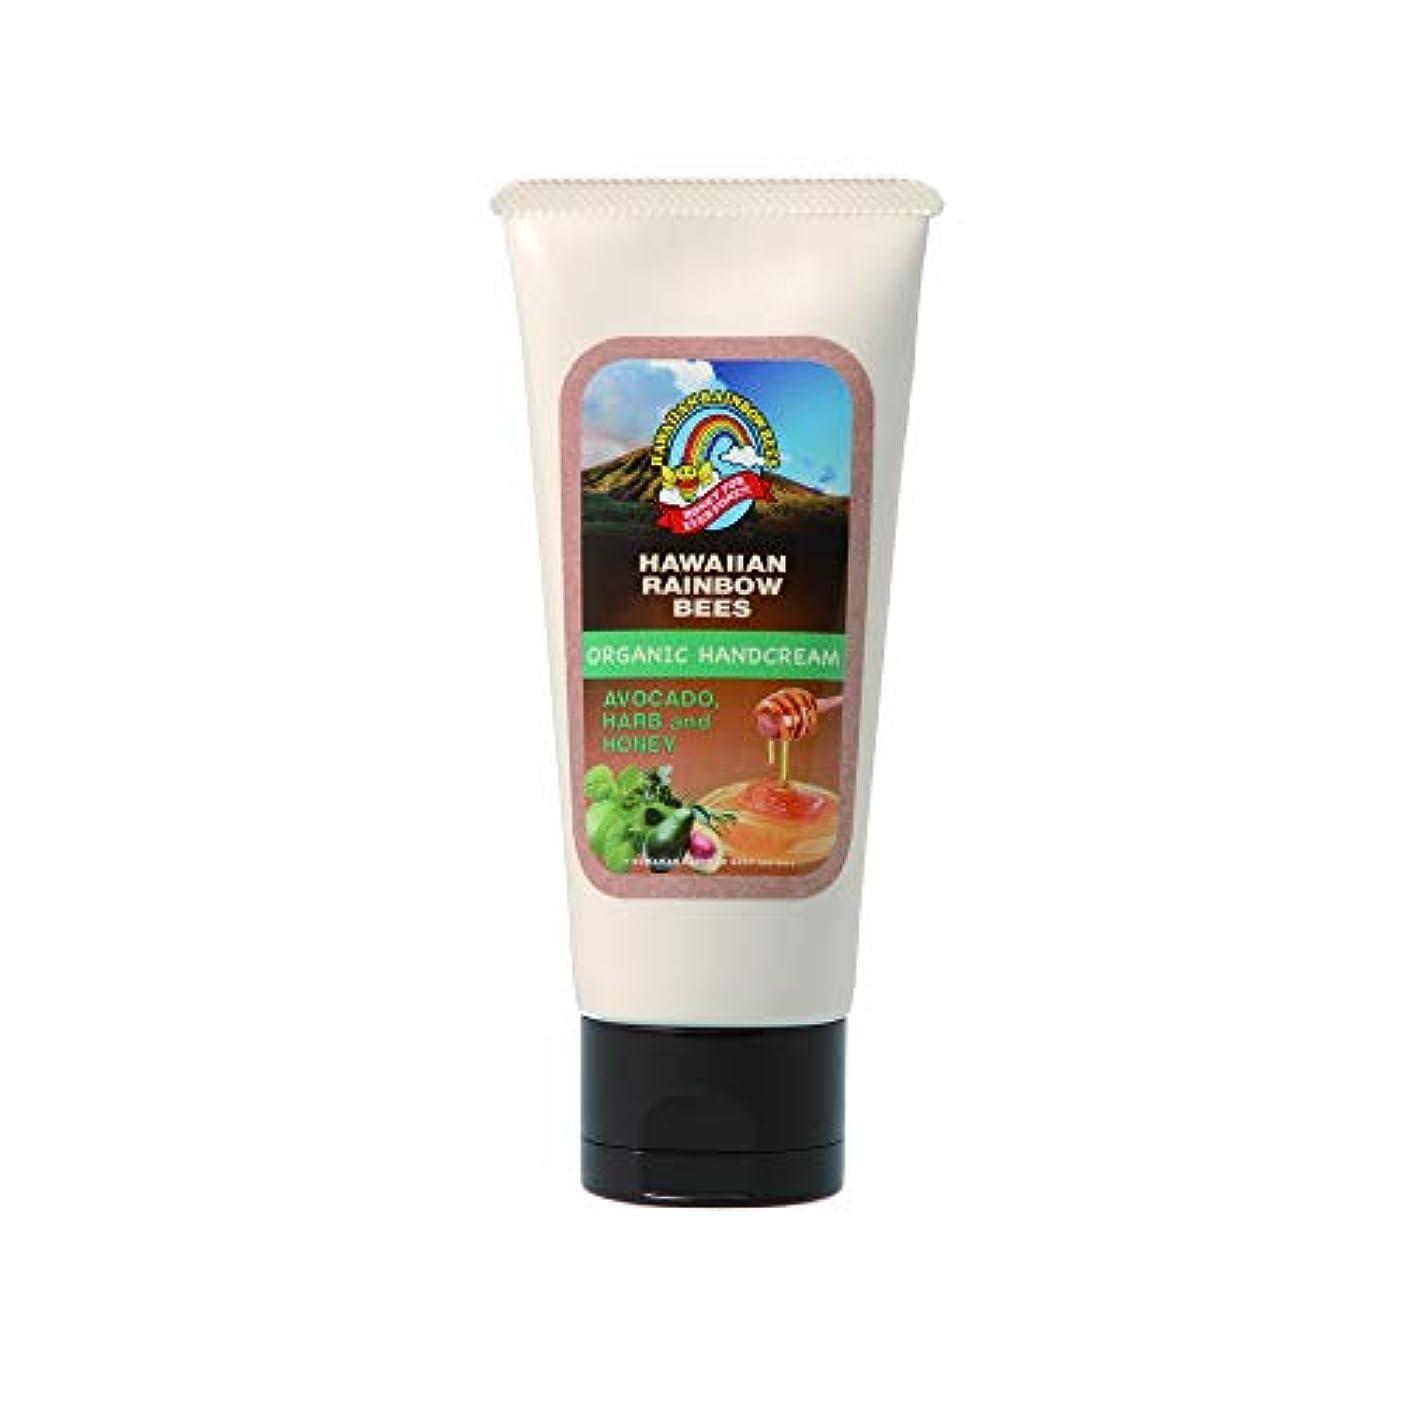 ミュウミュウ不格好分泌するハワイアンレインボービーズ オーガニックハンドクリーム AH 60g 72123041